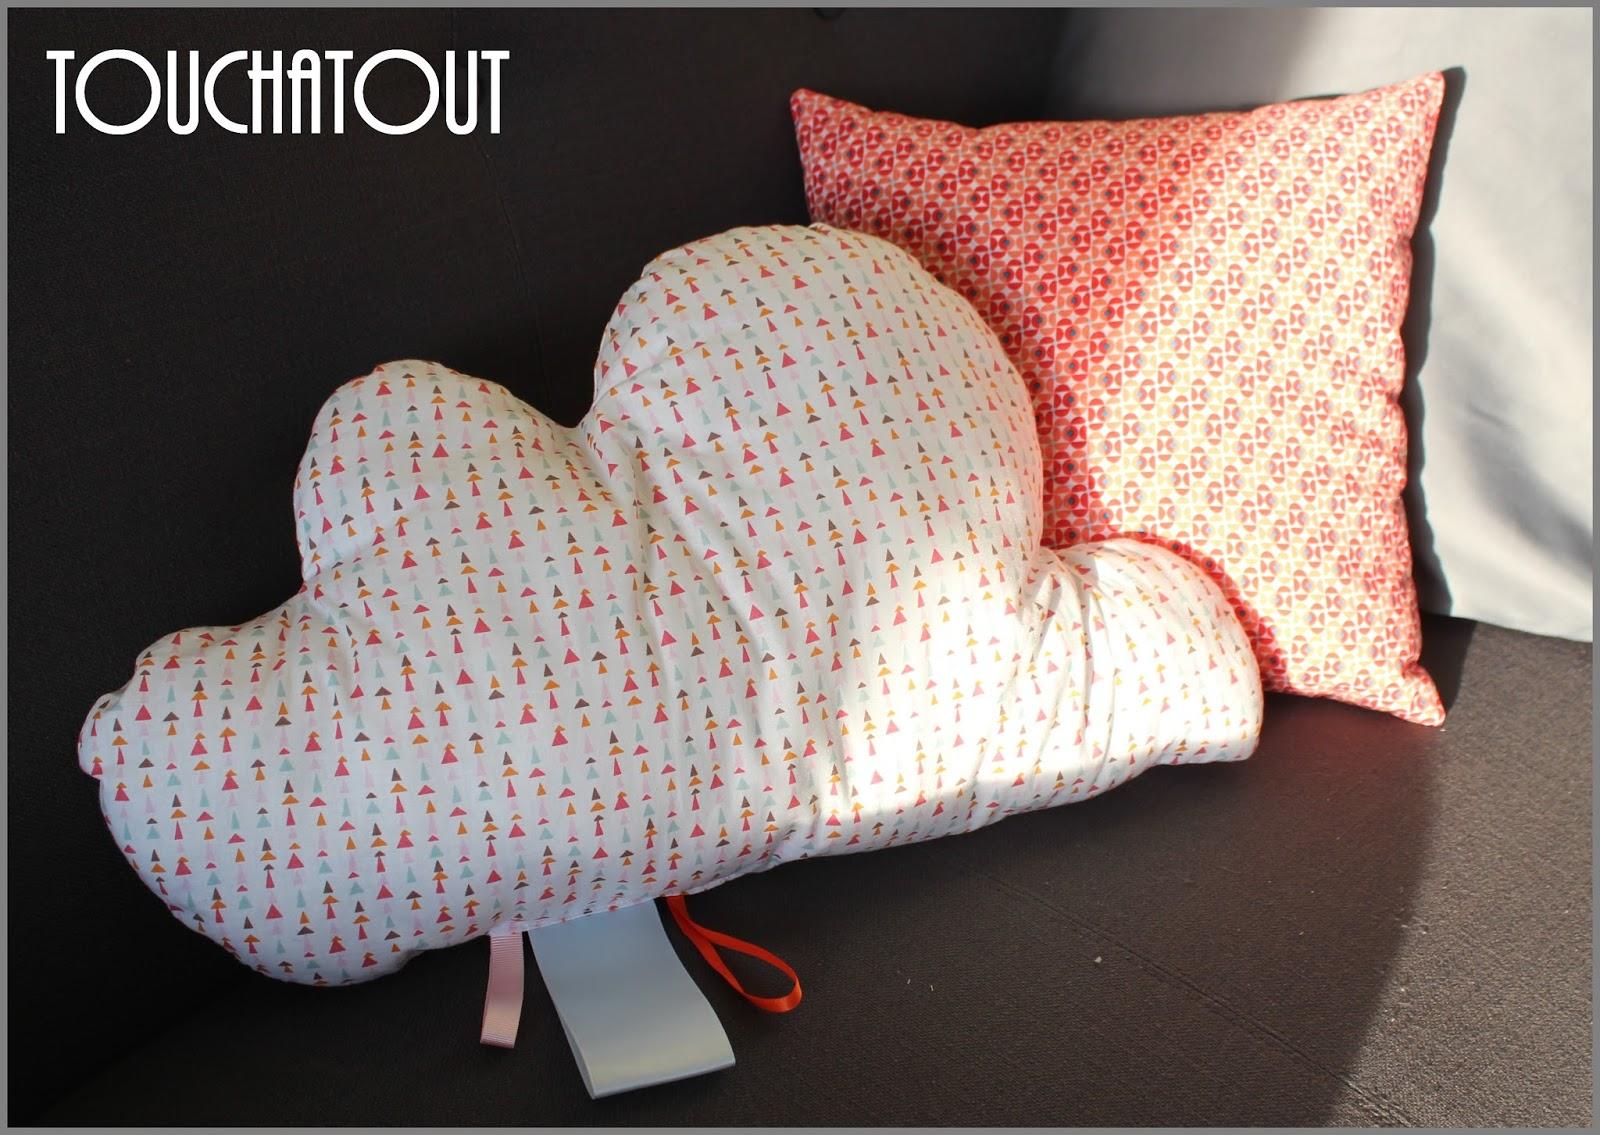 Touchatout Et Ma Collection De Coussins